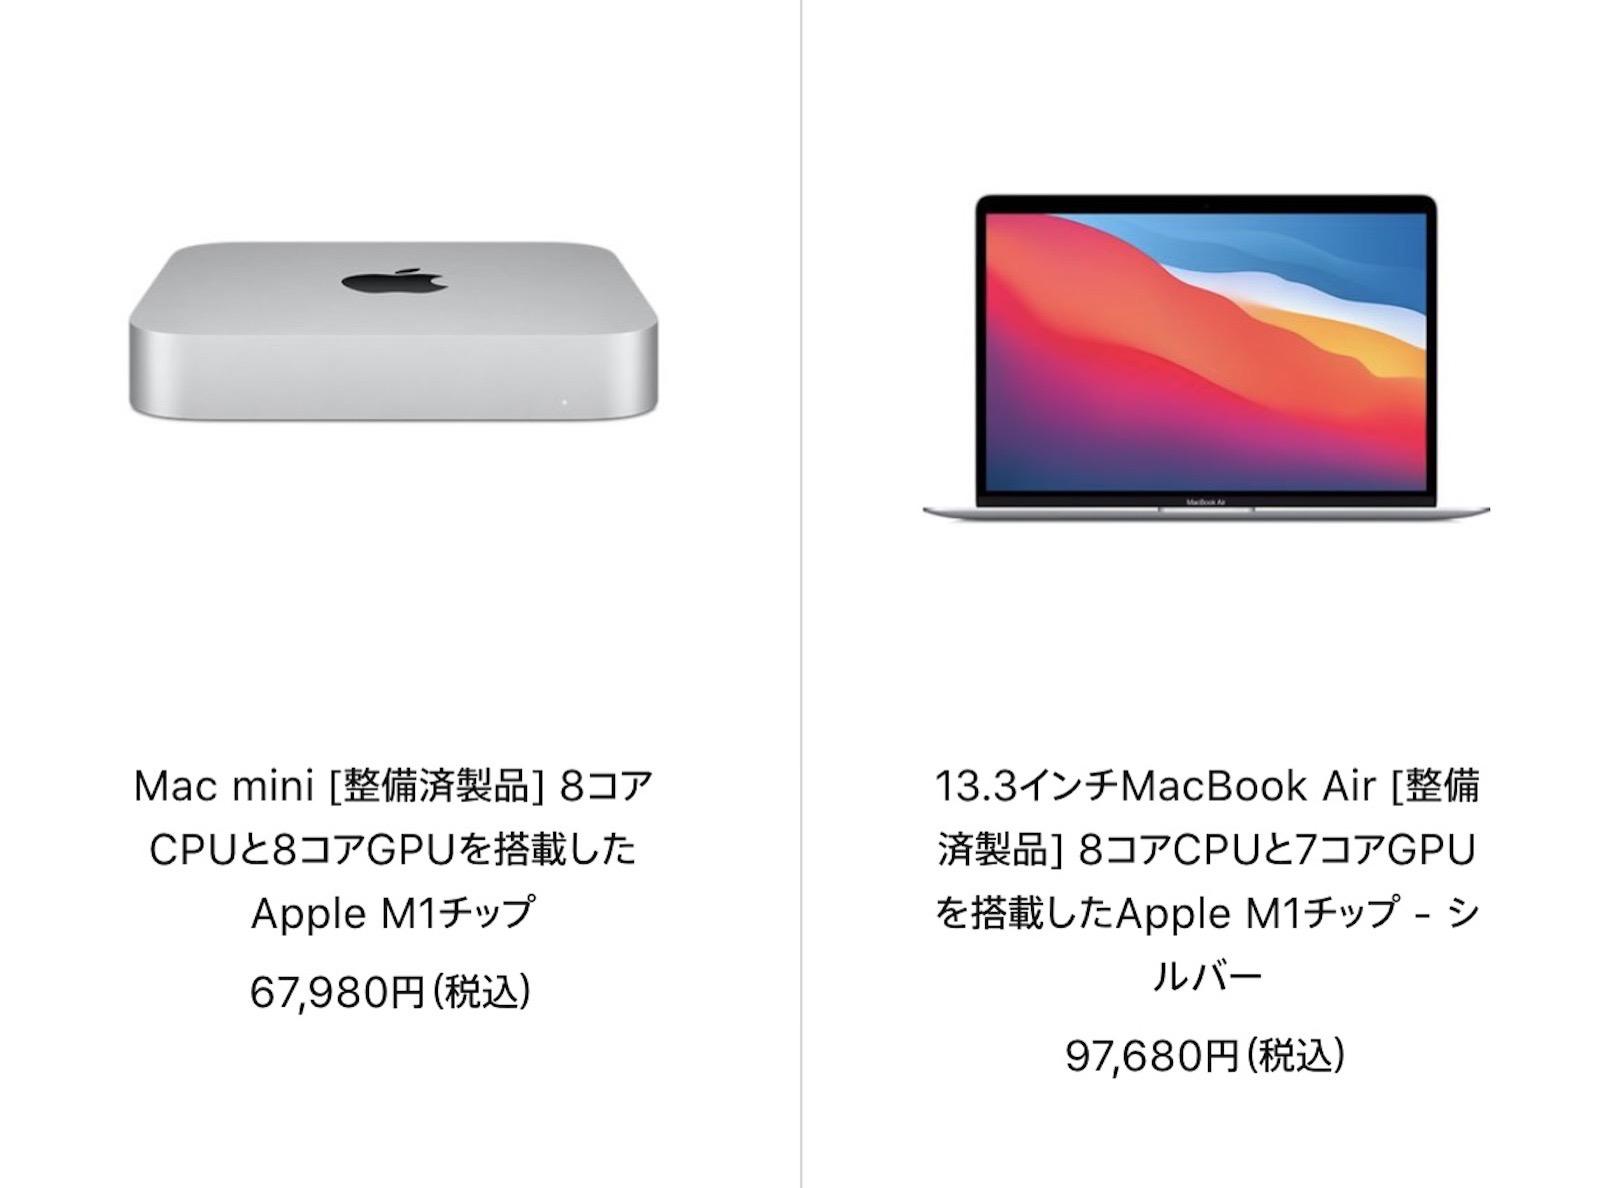 Mac Refurbished model 2021 06 28